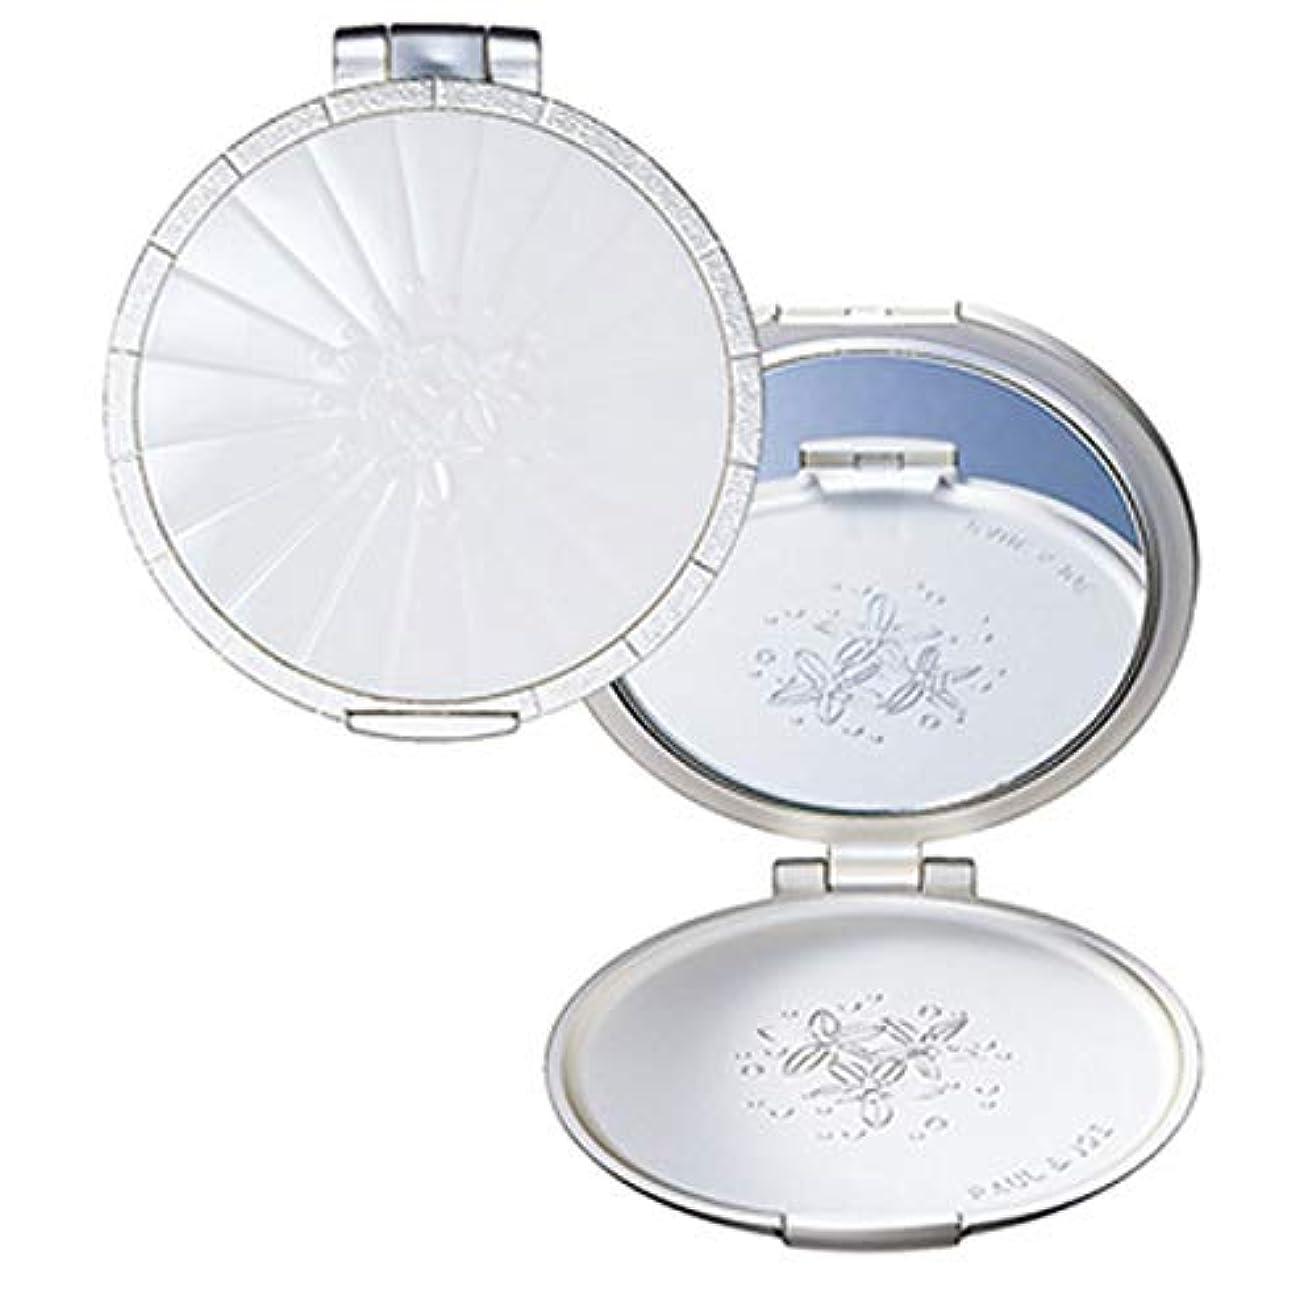 ジム曲テラス(ポール&ジョー) PAUL&JOE P&J コンパクトミラー 鏡 ミラー 手鏡 フラワー ポールアンドジョー 化粧直し かわいい グレープフルーツ 花 クラシカル 巾着 セット SET